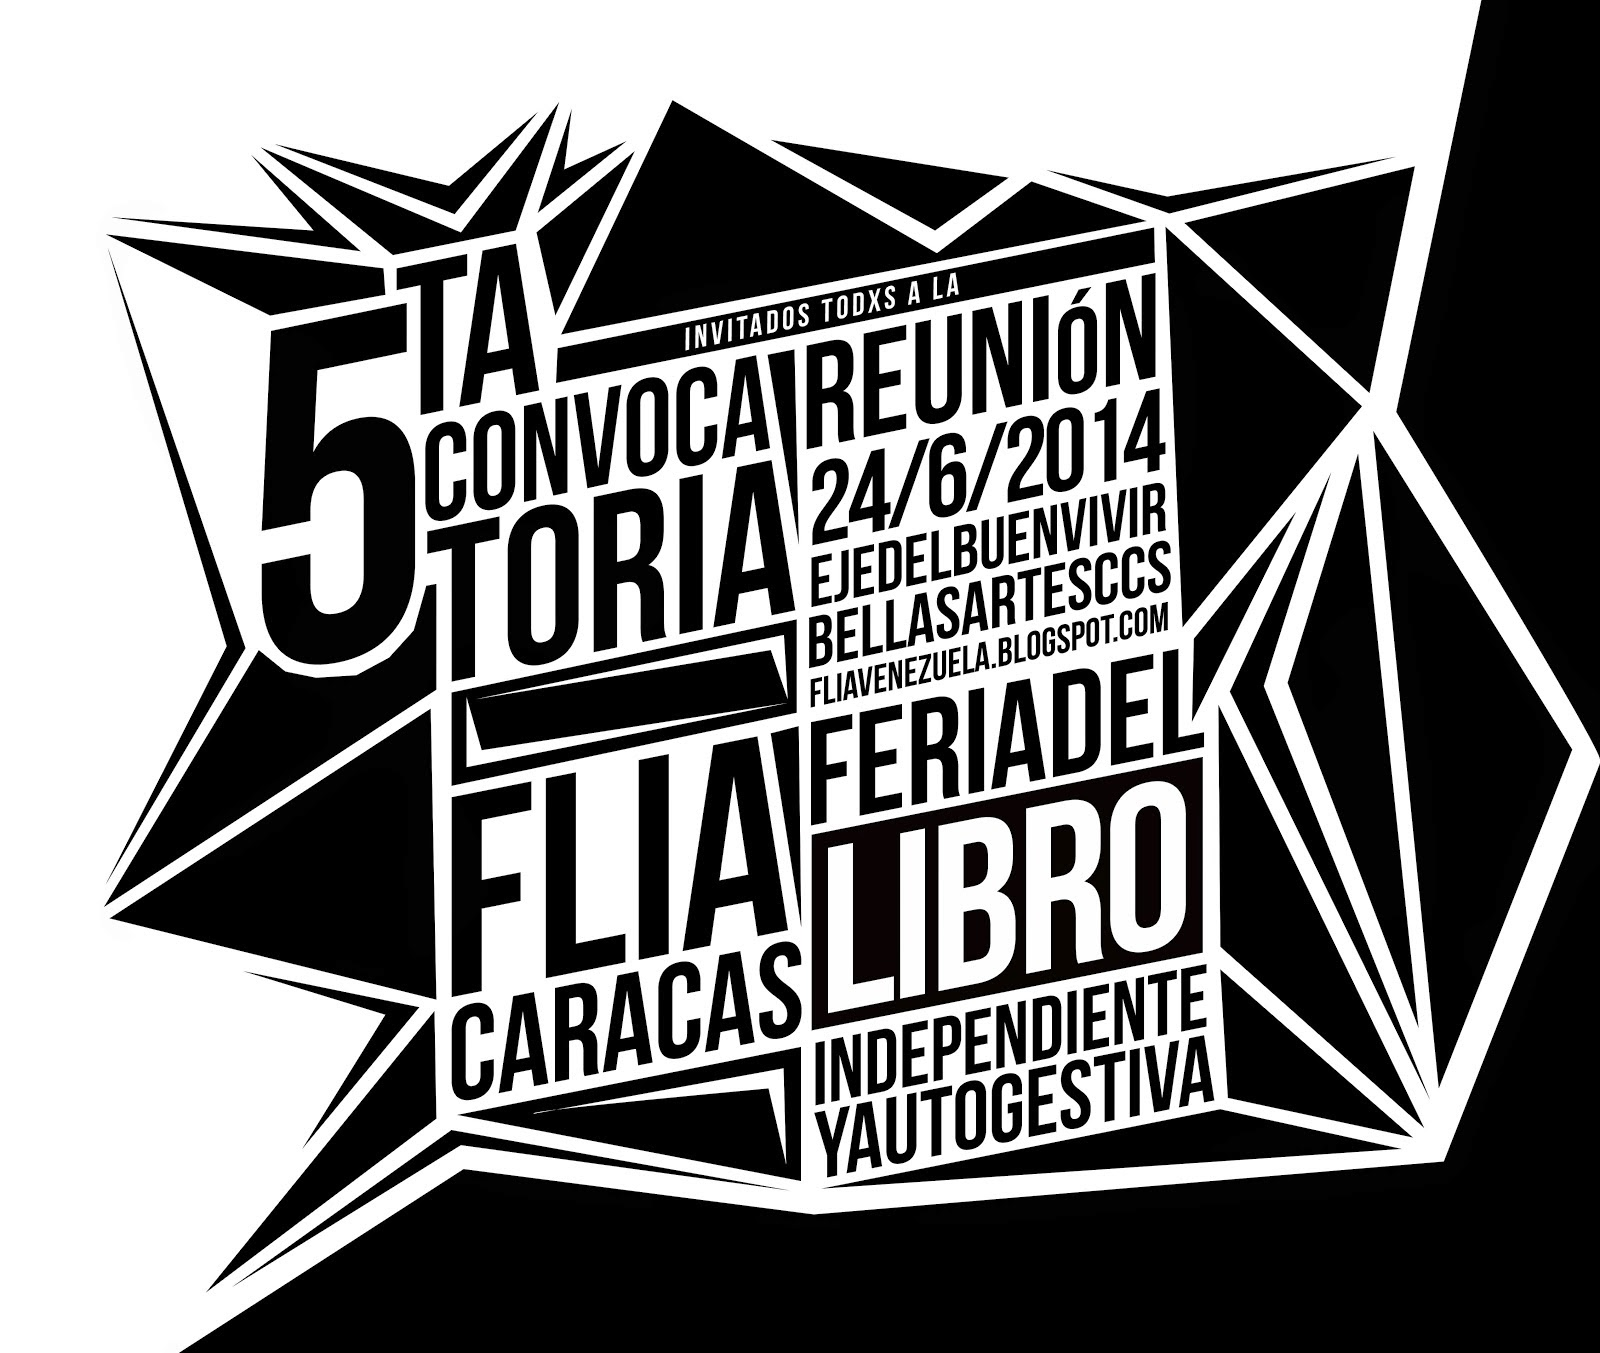 http://fliavenezuela.blogspot.com/2014/06/5ta-convocatoria-para-flia-caracas-2014.html